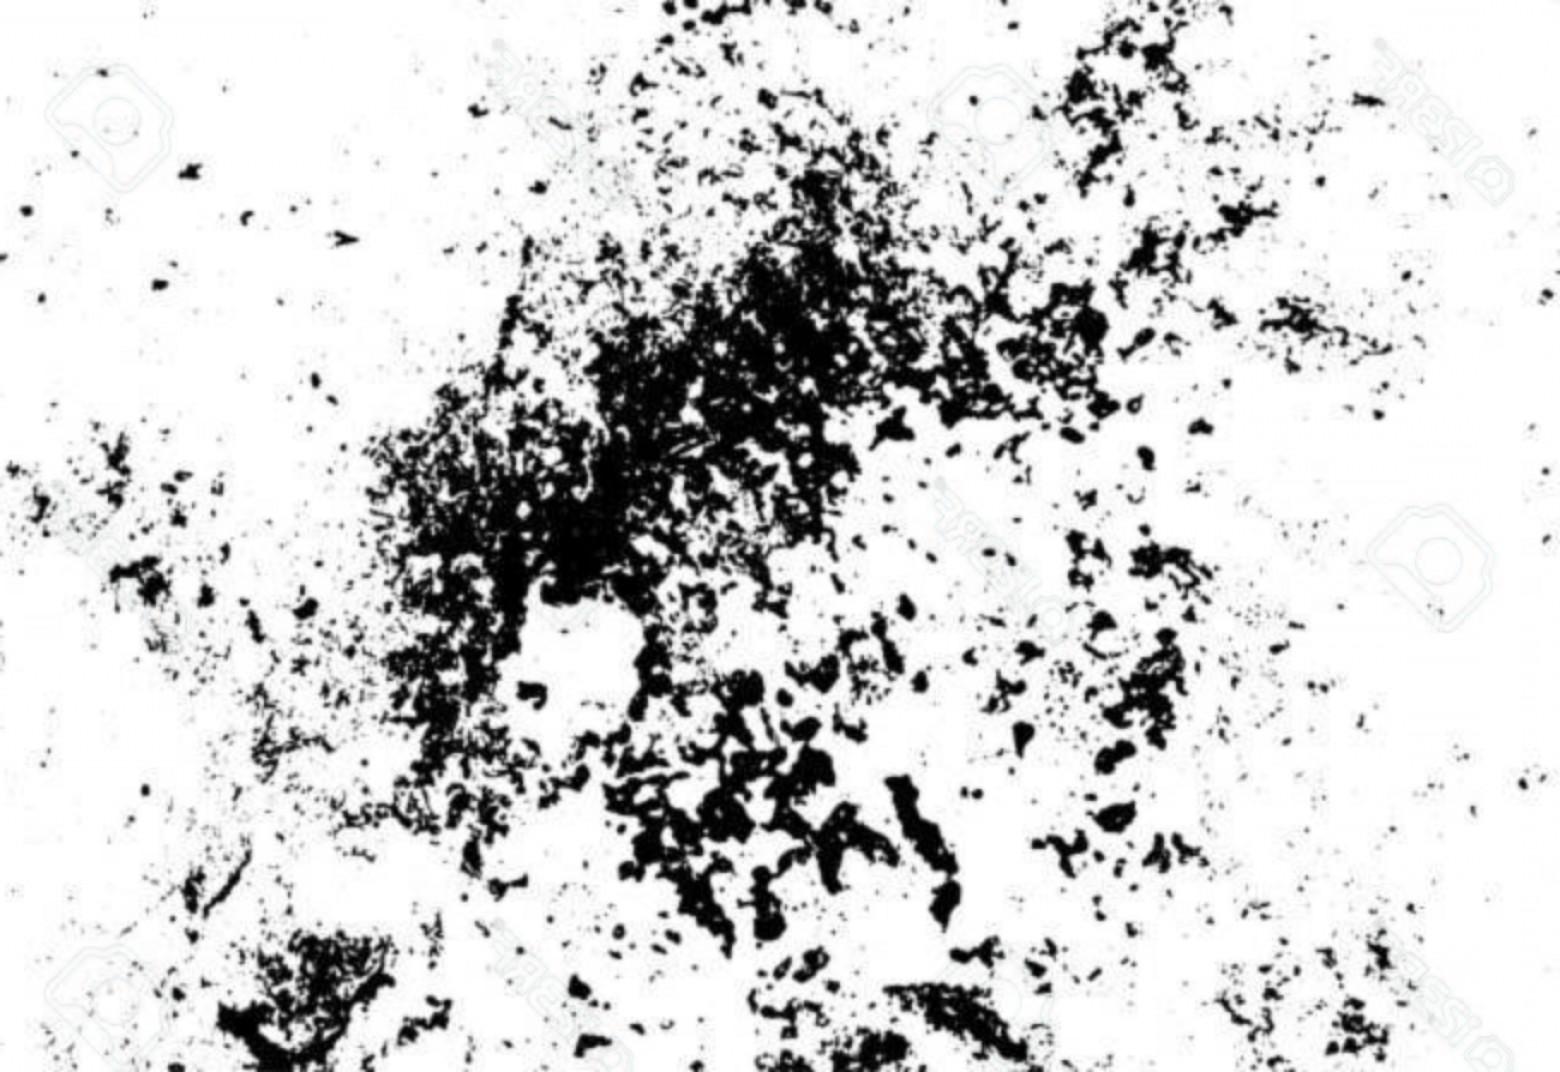 1560x1072 Photostock Vector Grunge Texture Grunge Background Grunge Effect